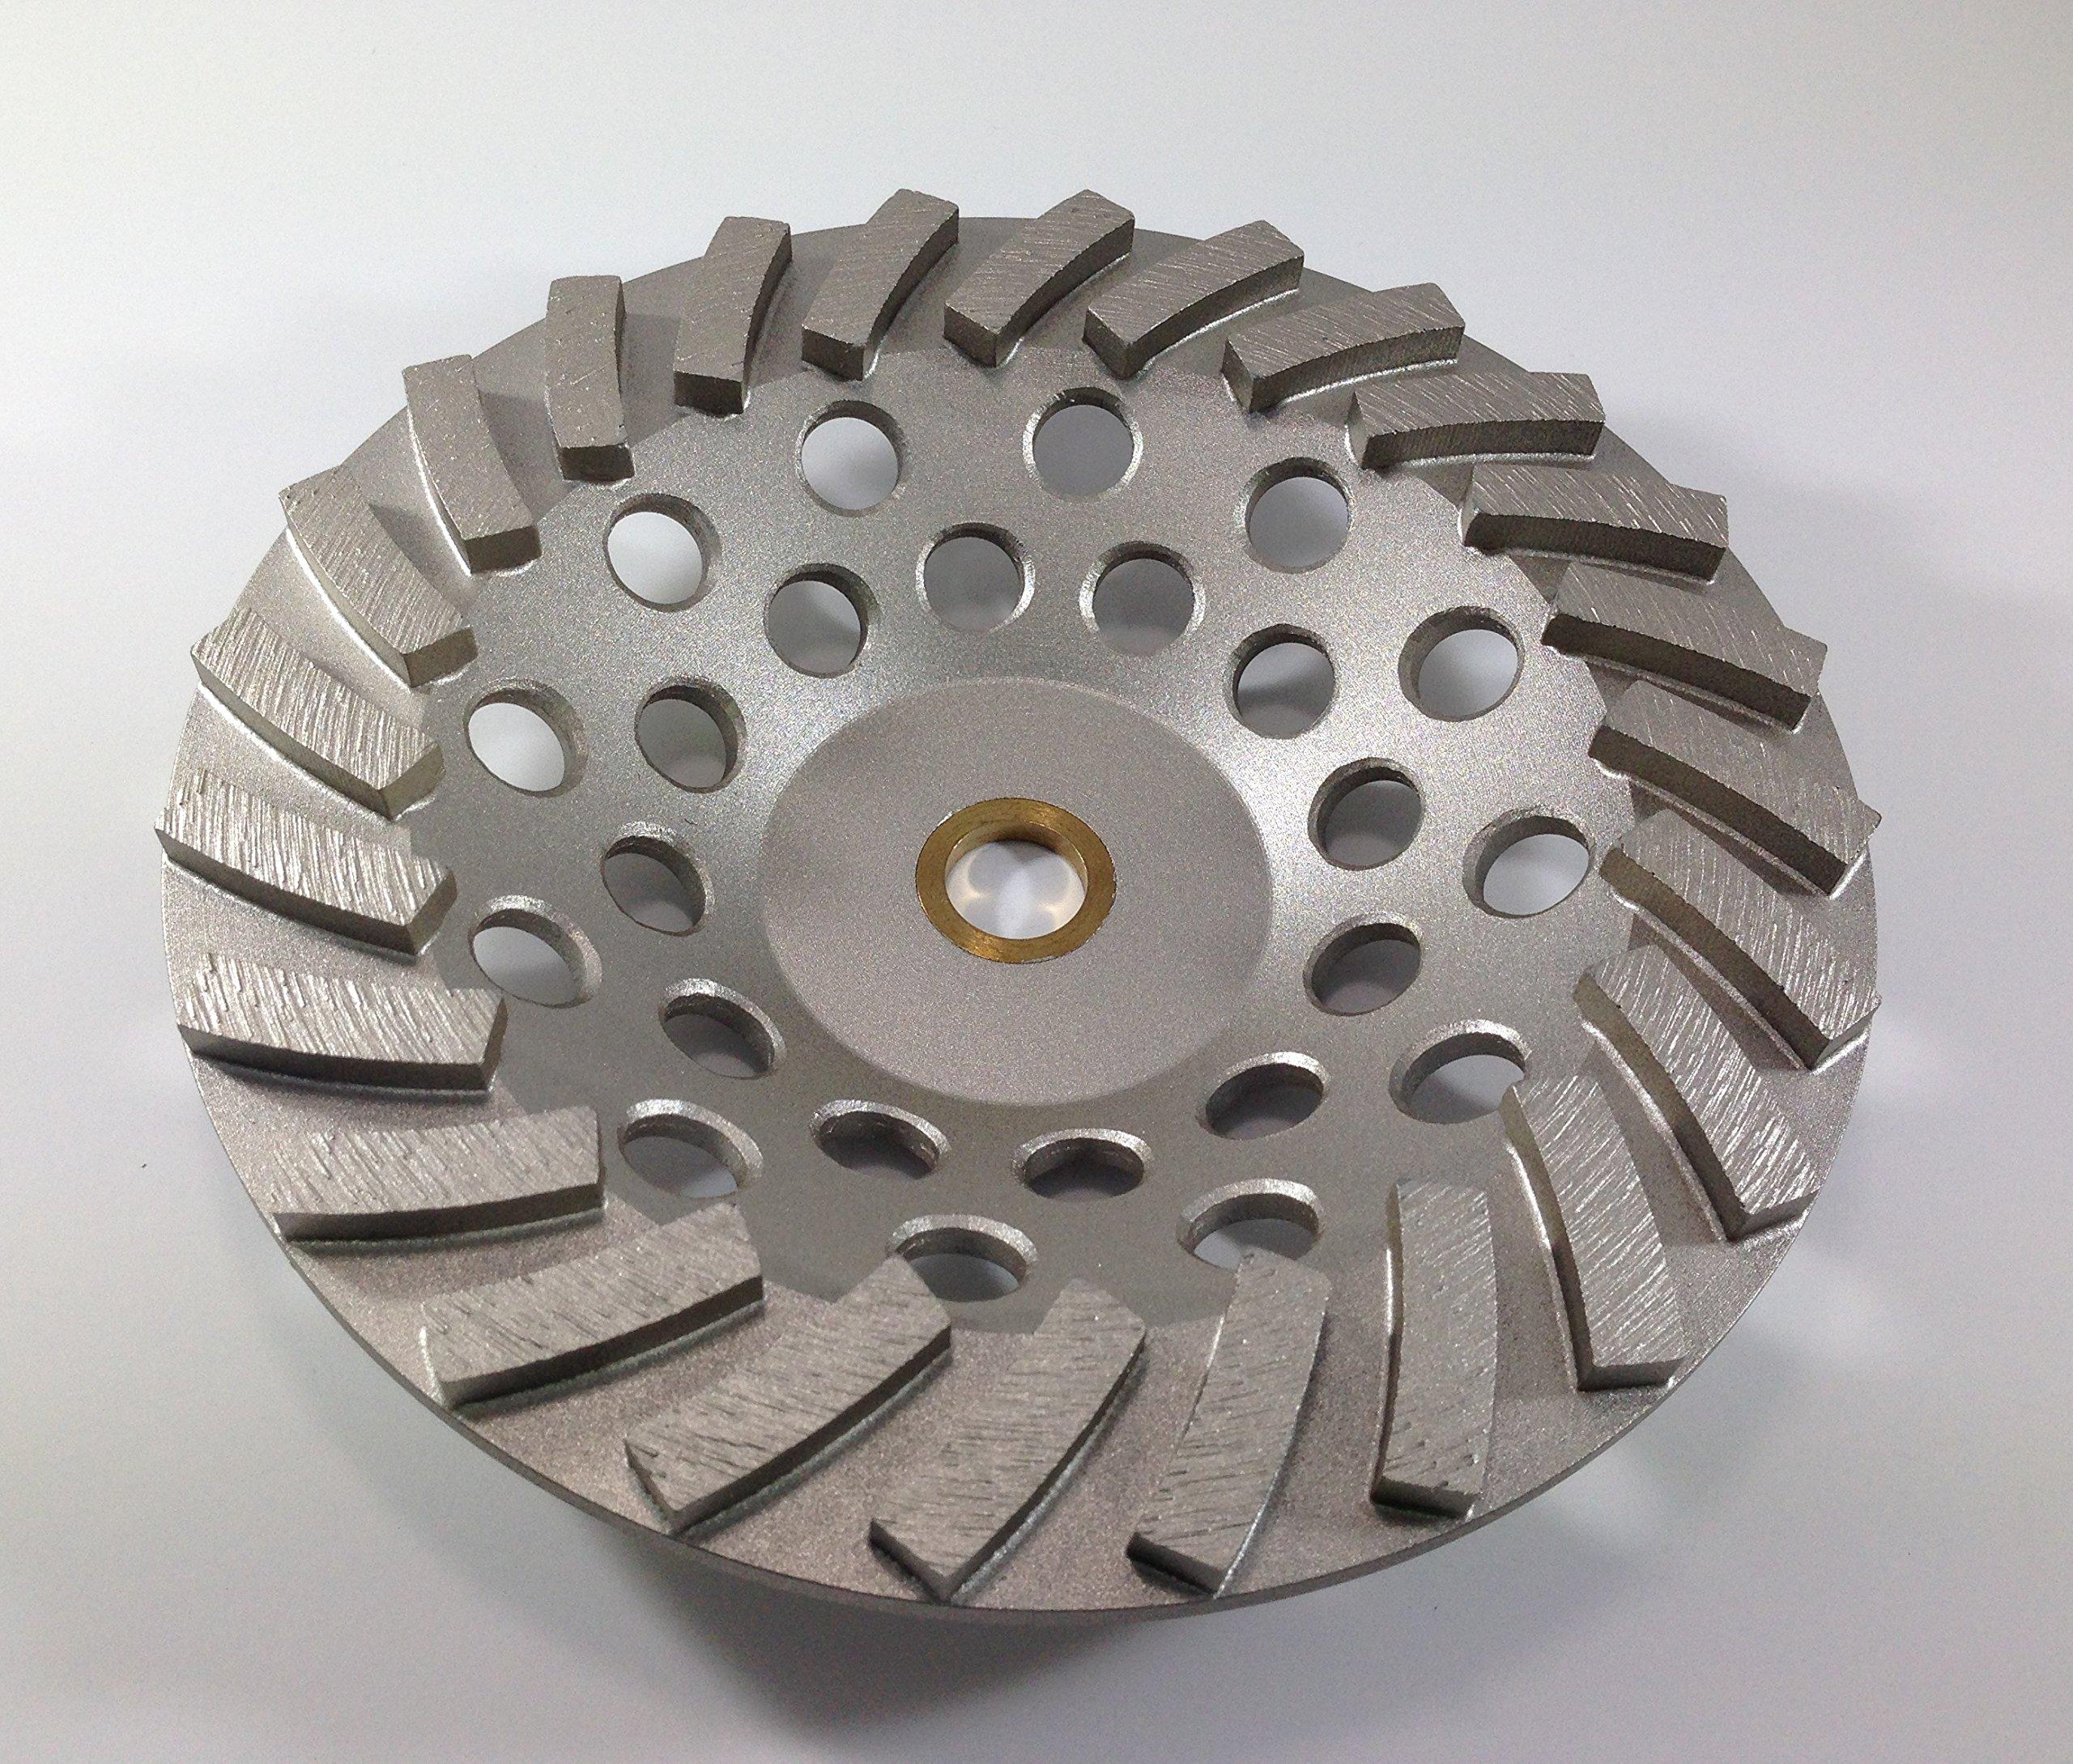 7'' Concrete Grinding Cup Wheel 24 Segments - Non Threaded - 7/8-5/8